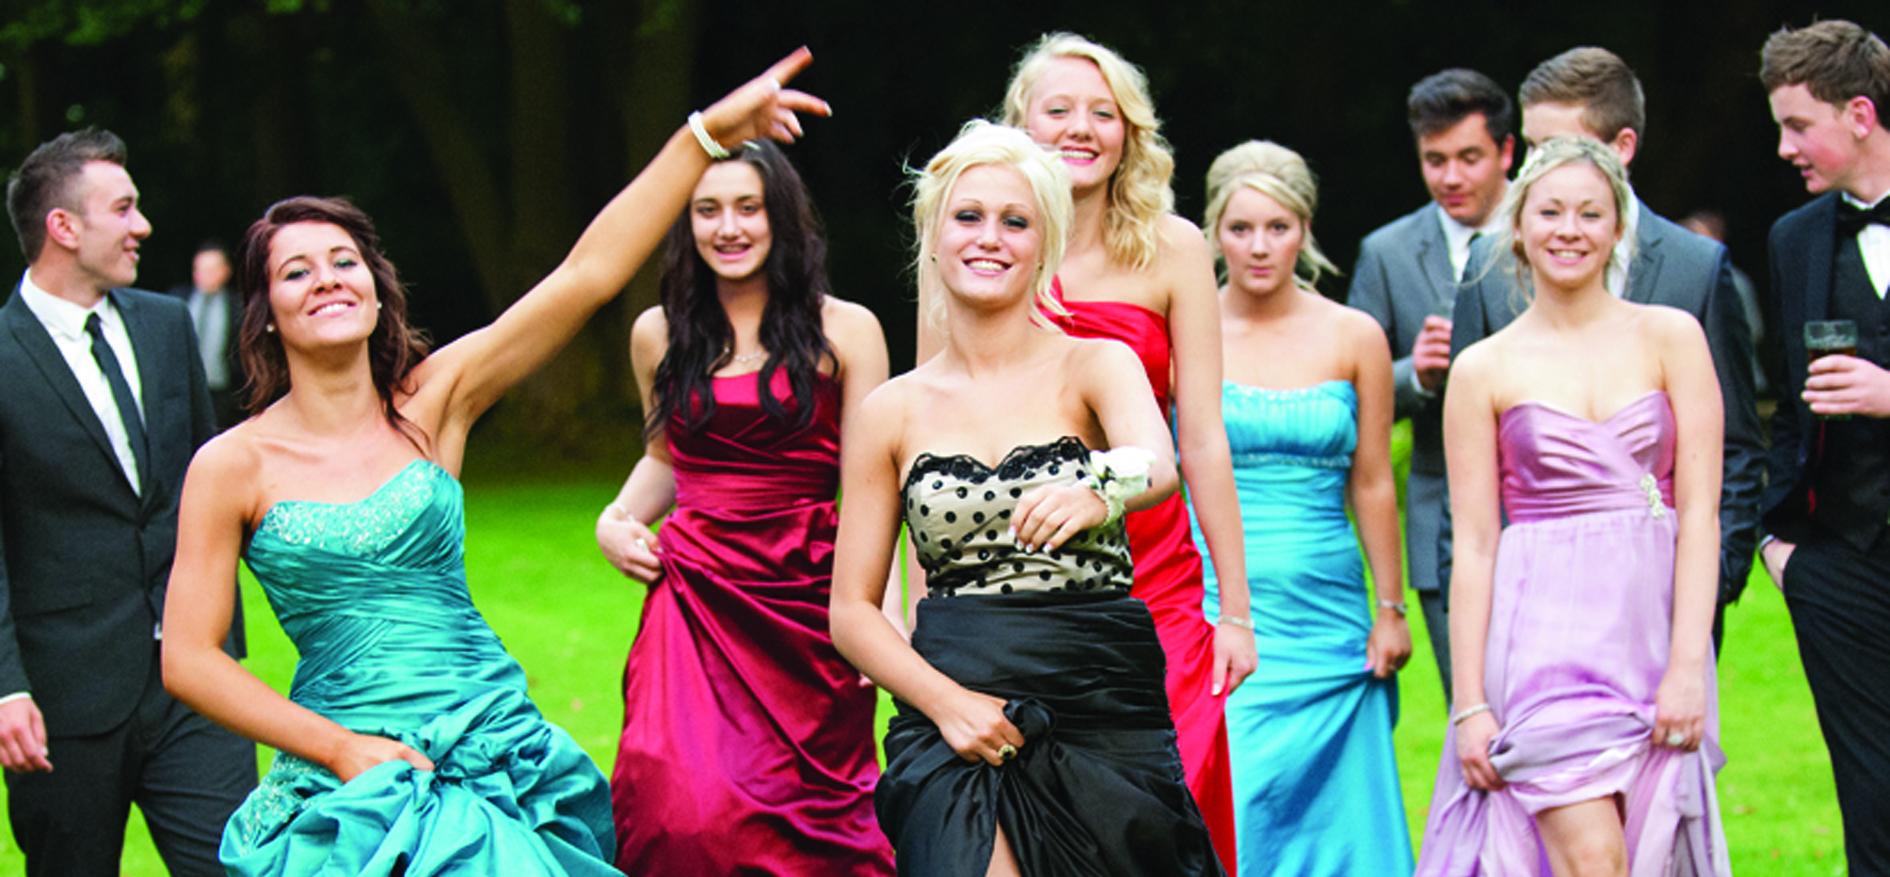 North Walsham High School Prom